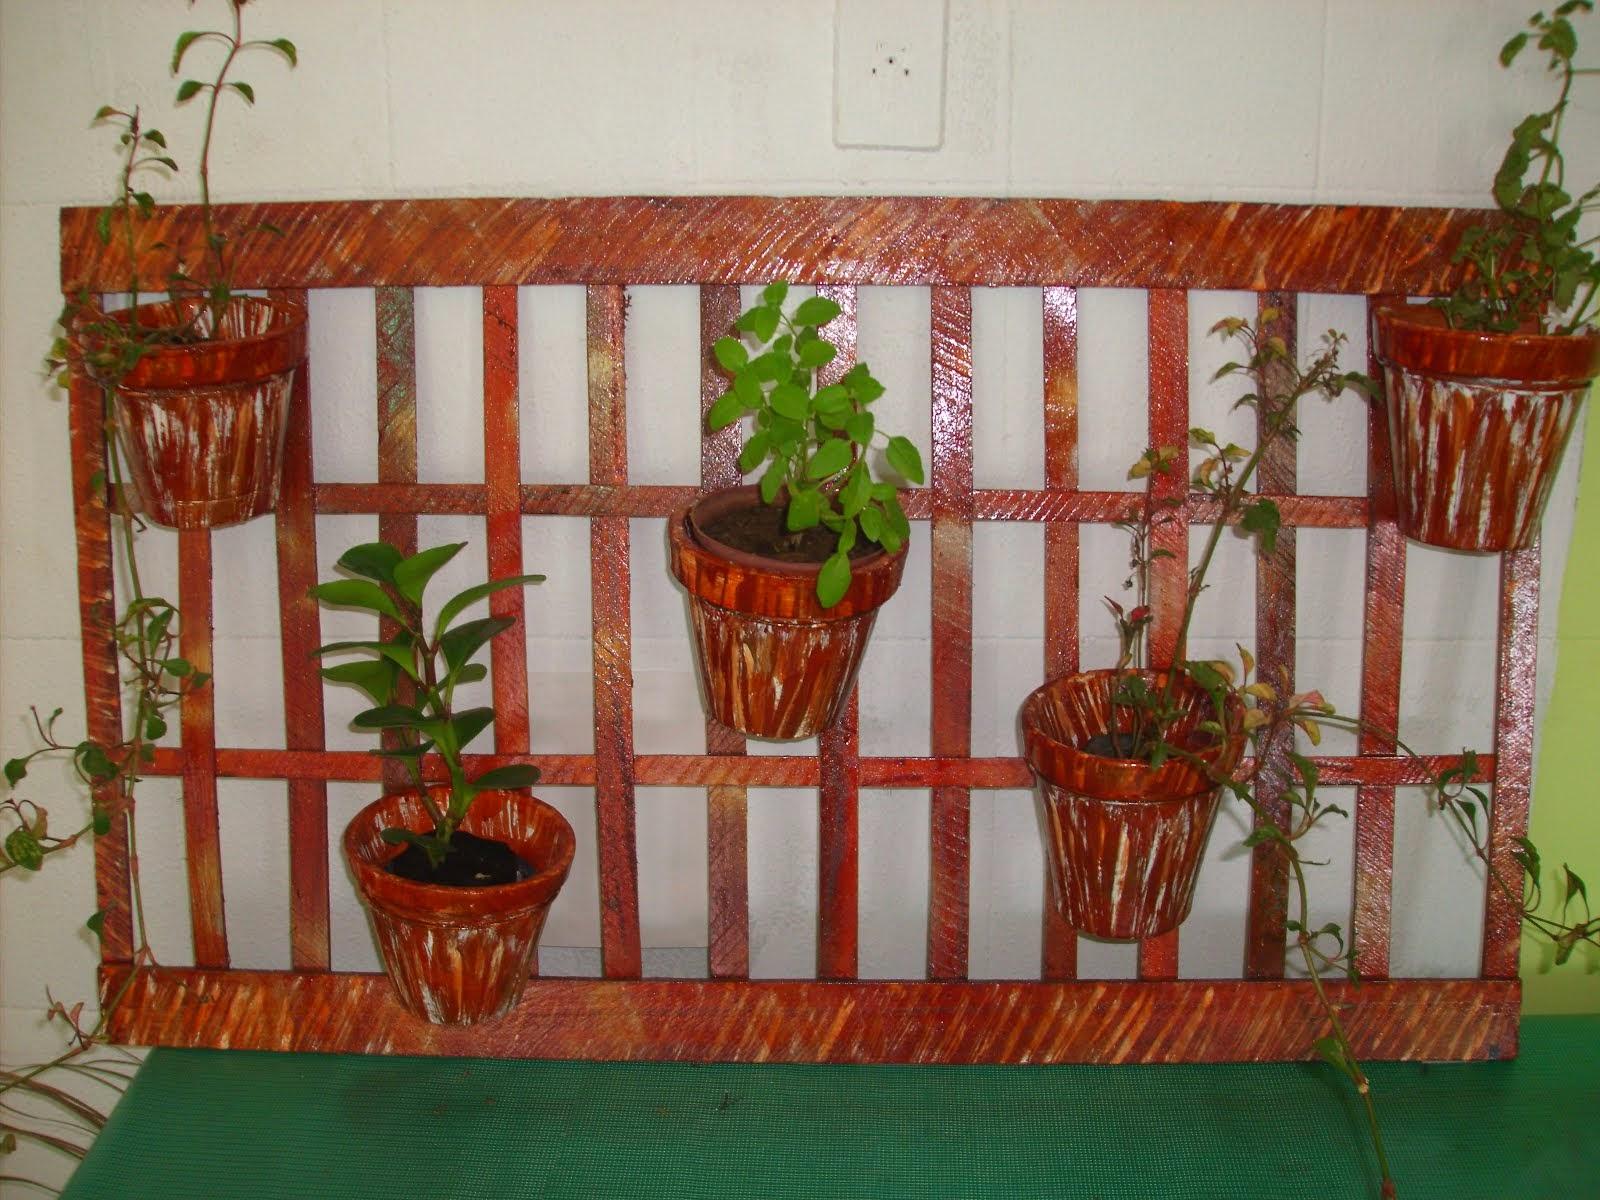 Jardim suspenso em madeira com 5 vasos